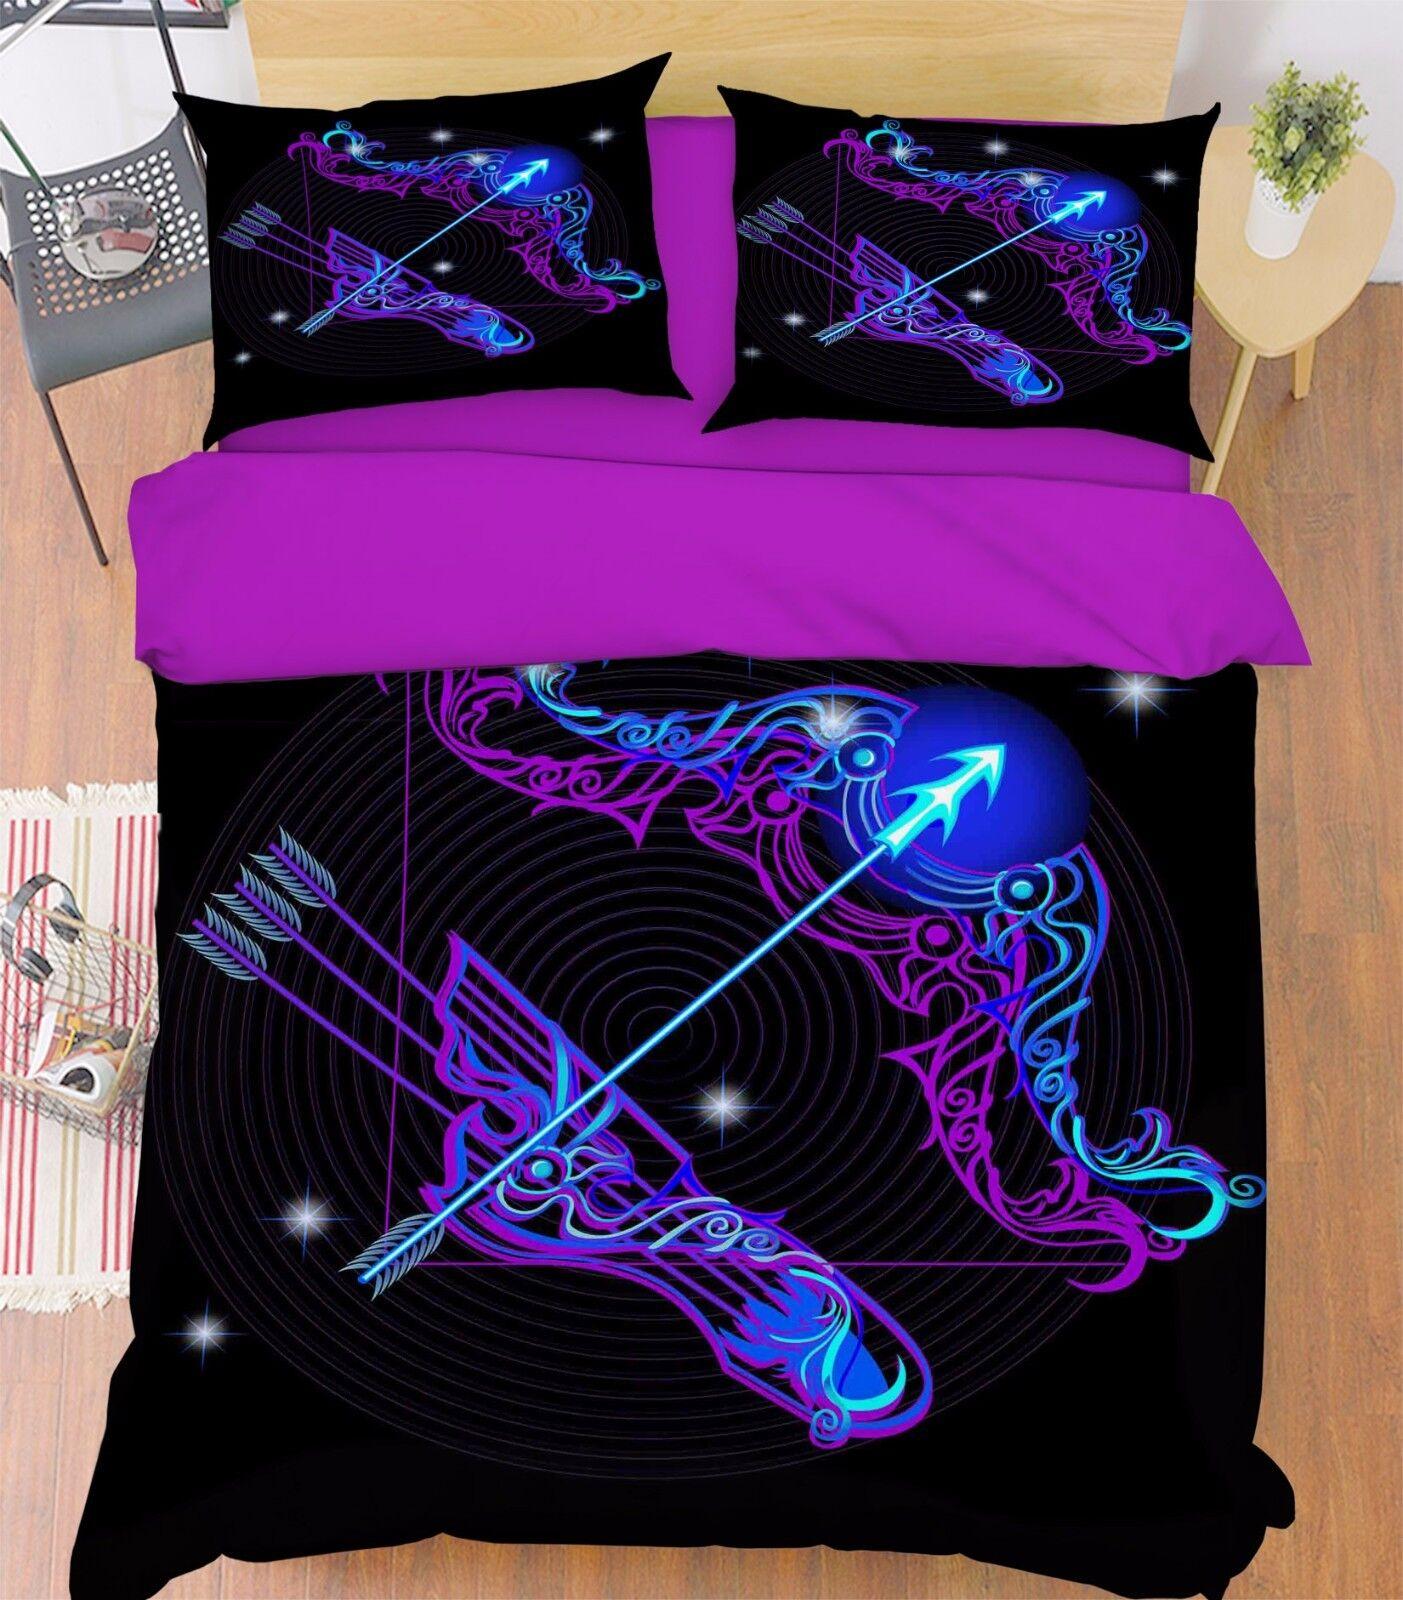 3D Sagittarius 2 Bed Pillowcases Quilt Duvet Cover Set Single Queen King Size AU